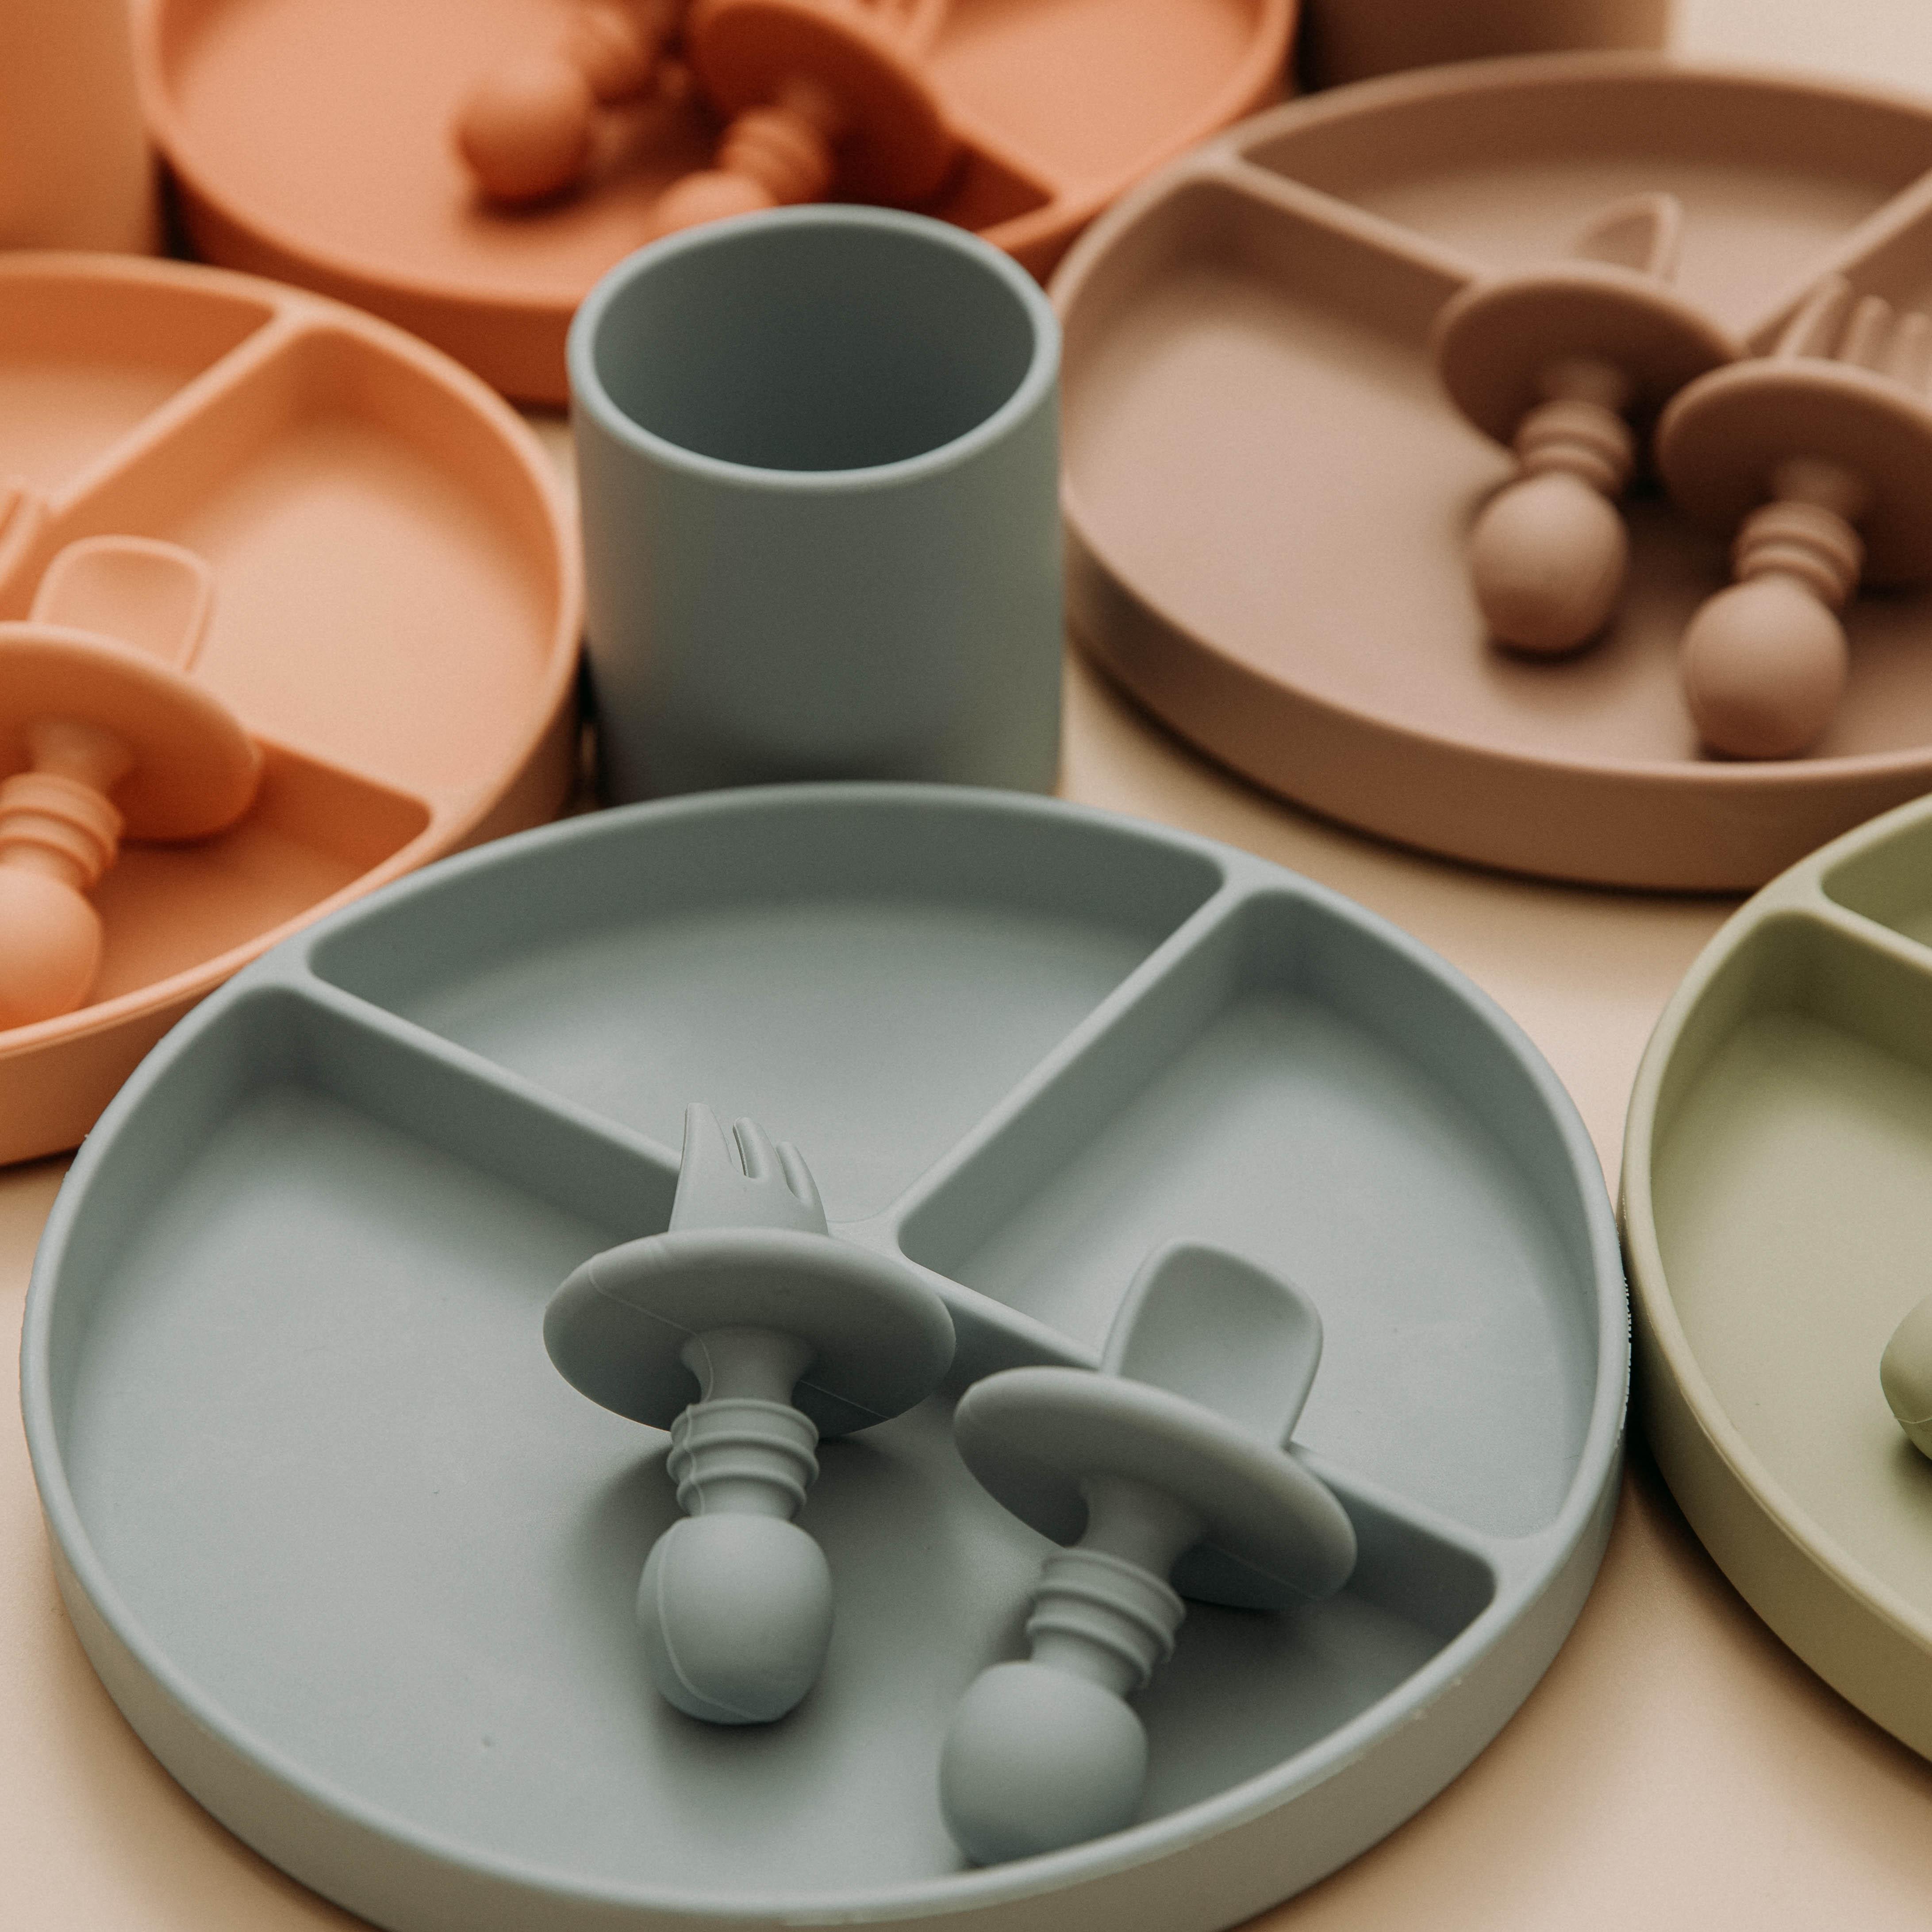 Vamos a hacer-plato de silicona para bebé de platos tipo tazón alimentación...